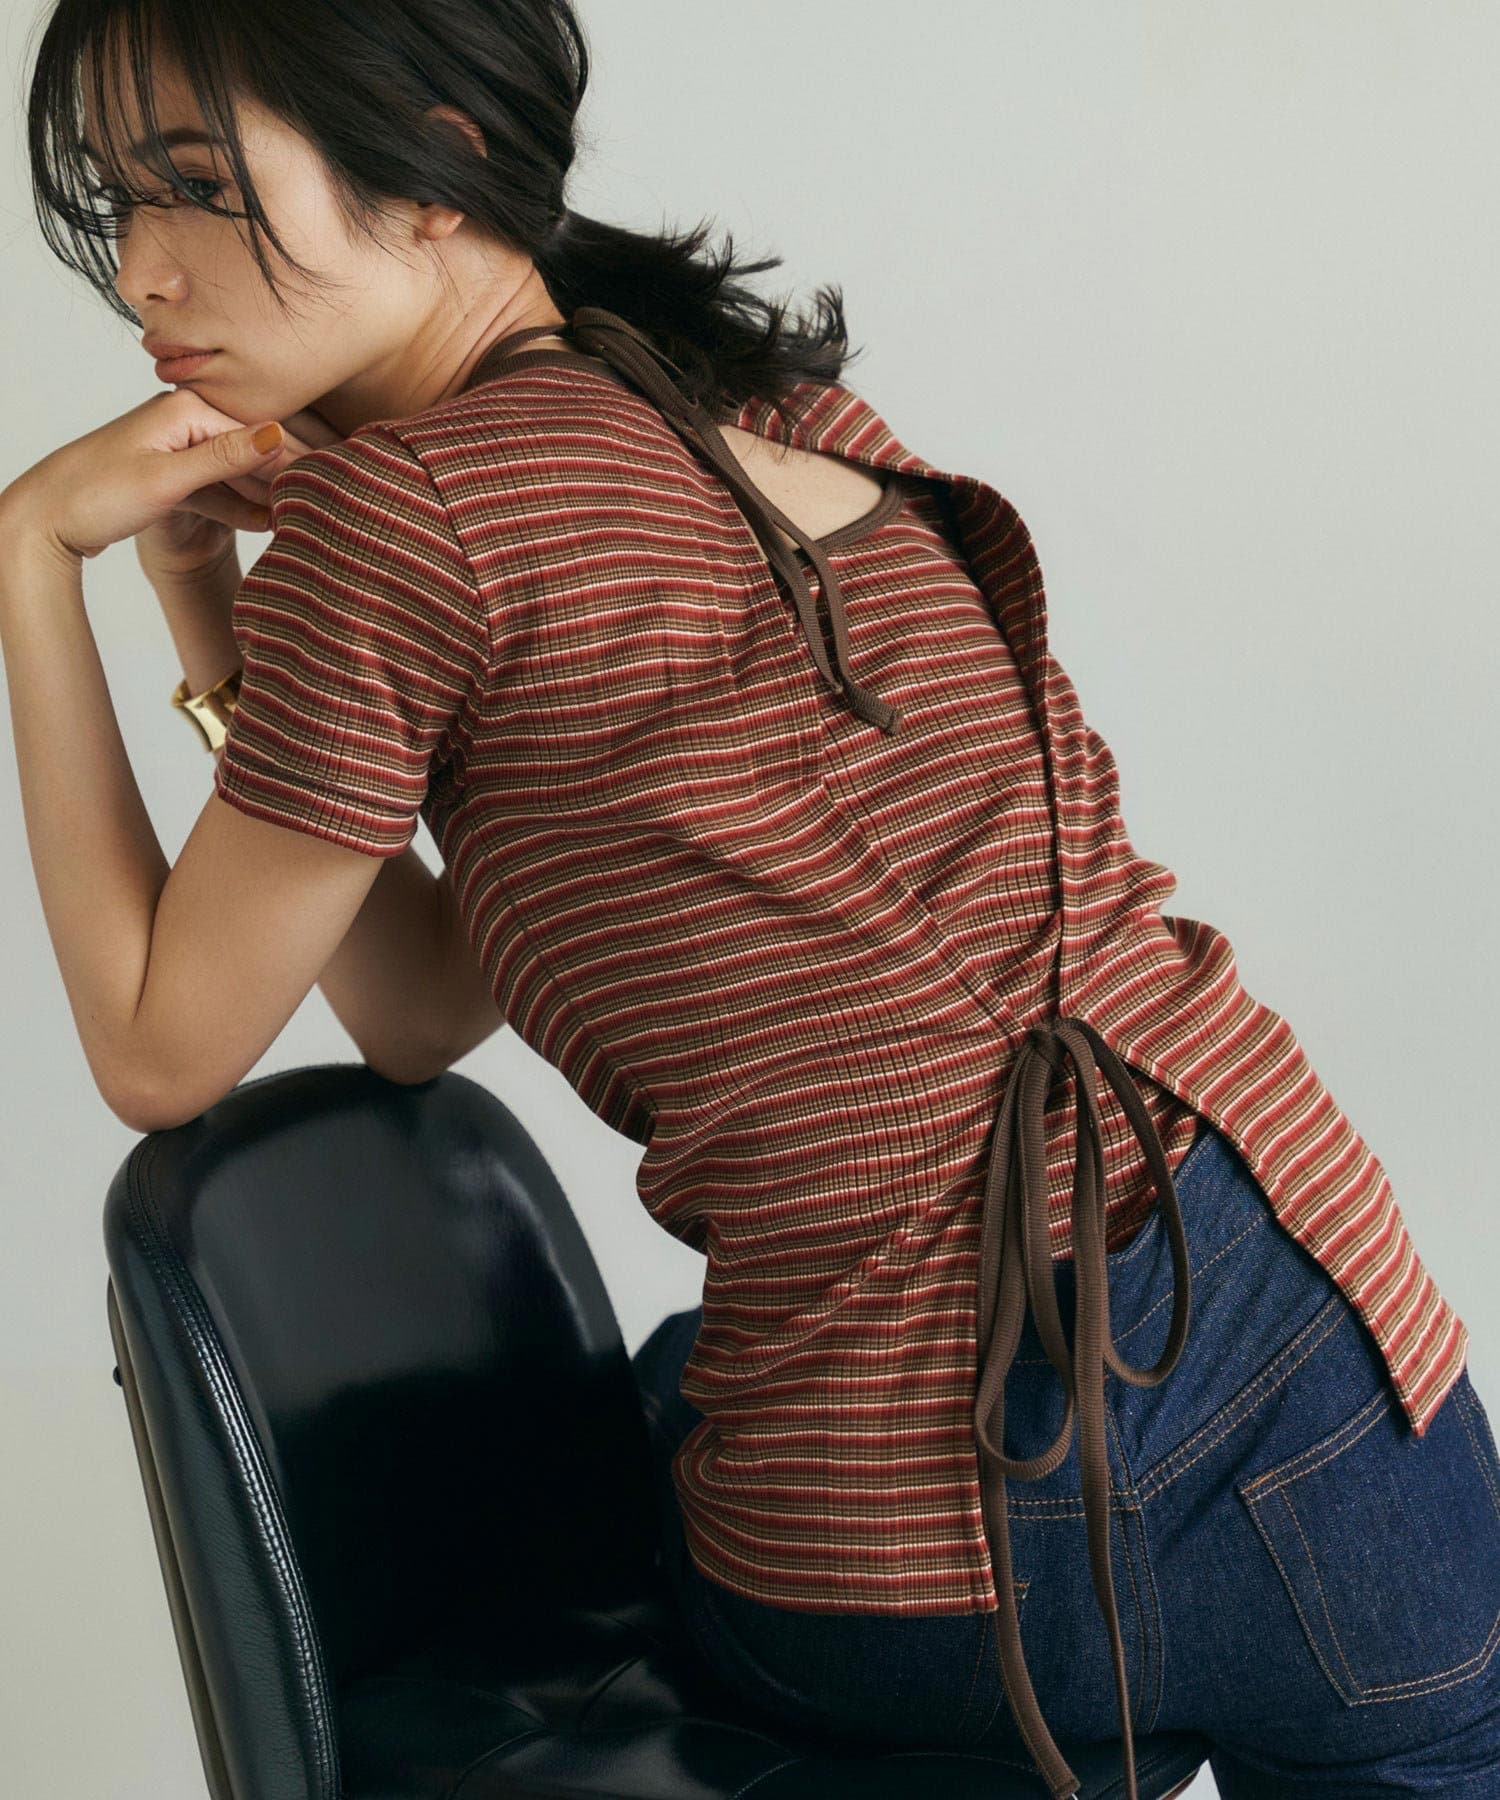 La boutique BonBon(ラブティックボンボン) 【CURRENTAGE (カレンテージ)】コットンリブジャージーTシャツ